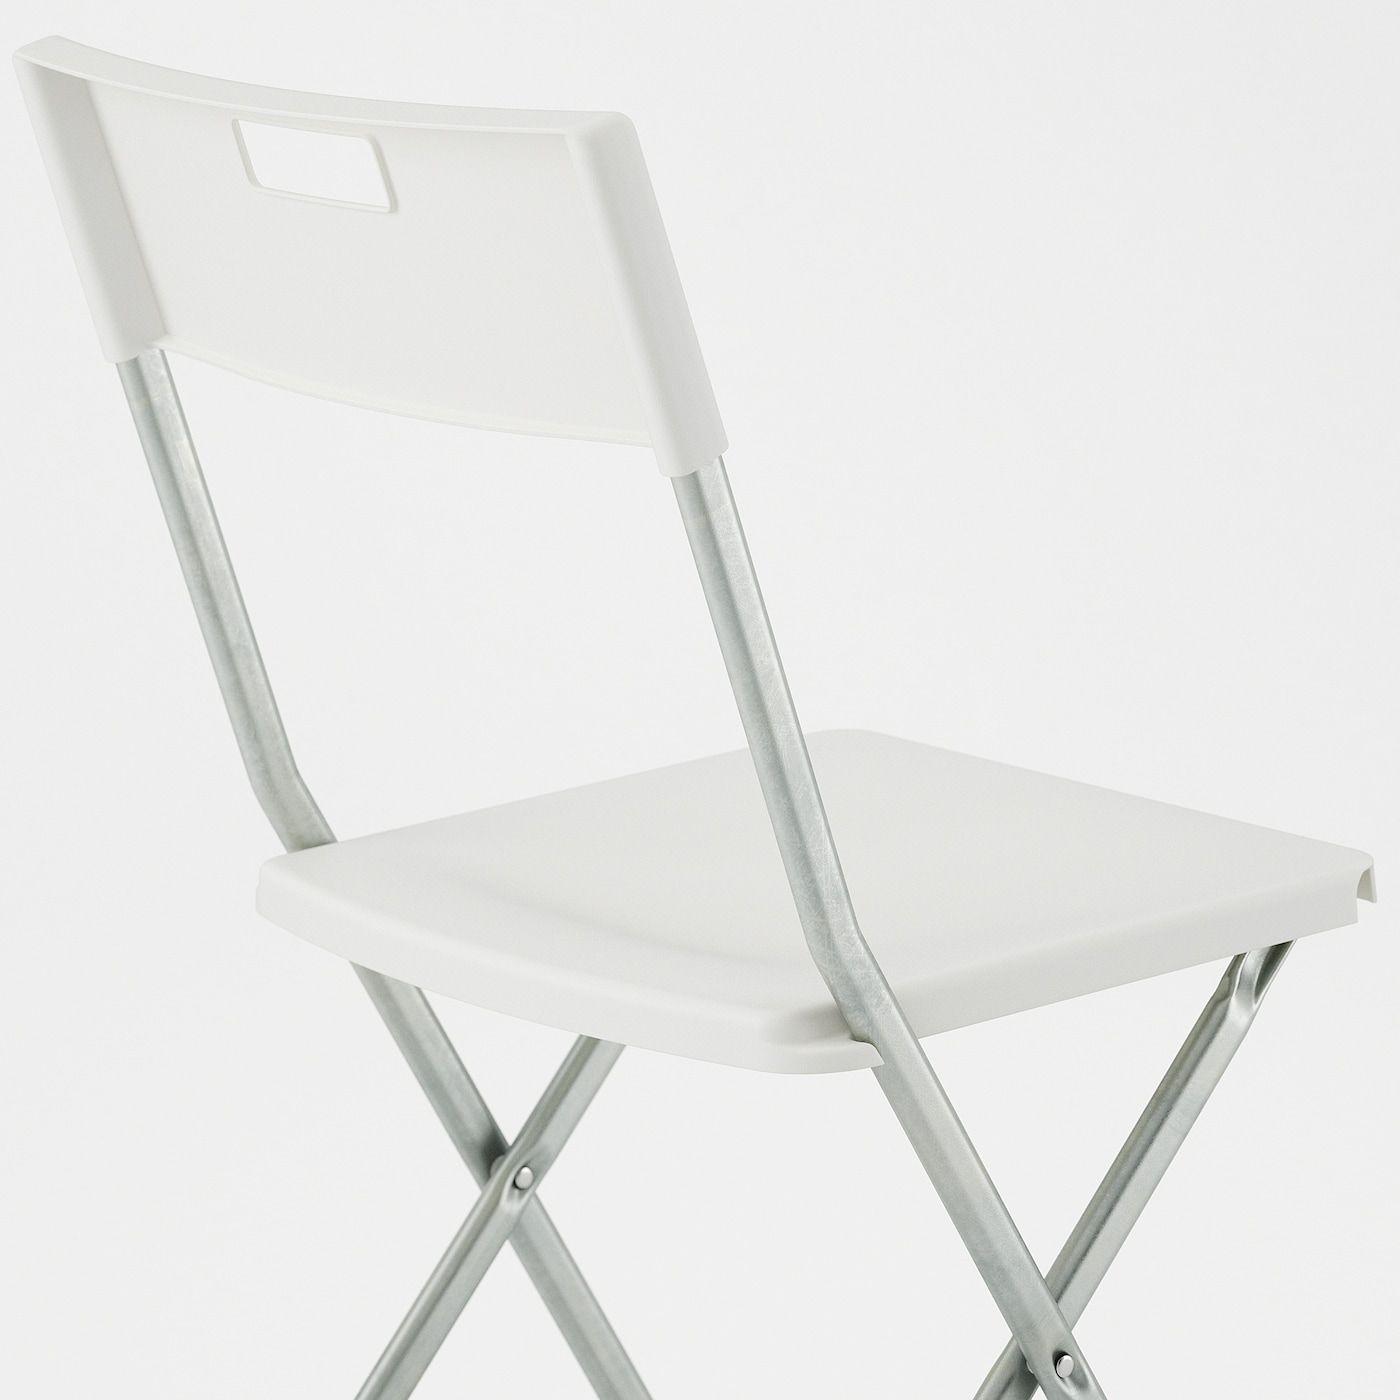 Gunde Klappstuhl Weiss In 2020 Klappstuhl Stuhle Und Ikea